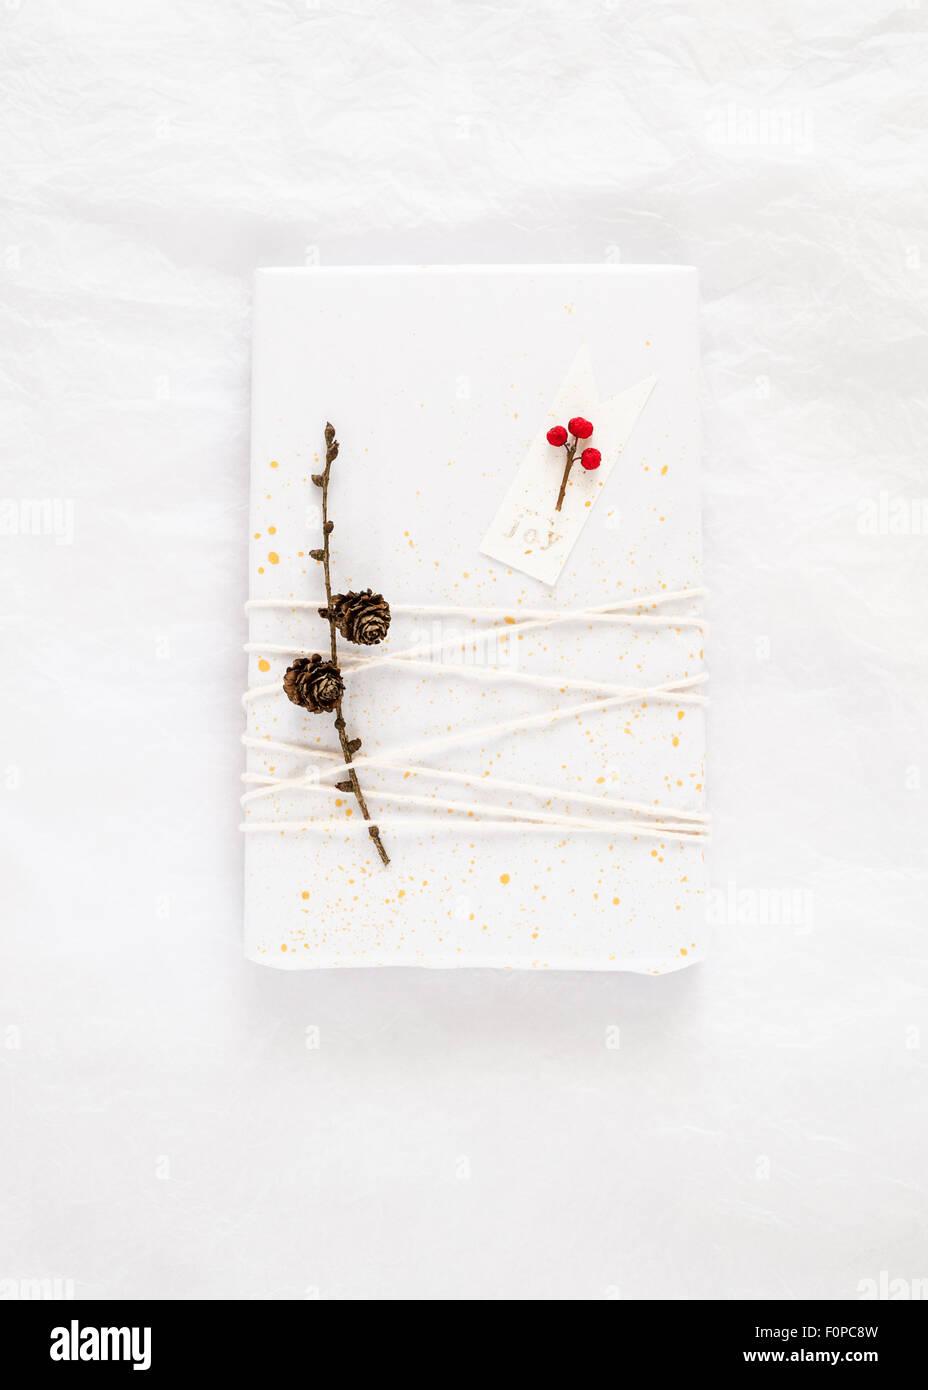 L'emballage-cadeau simple faite avec du papier de soie blanc décoré avec des éclaboussures de Photo Stock